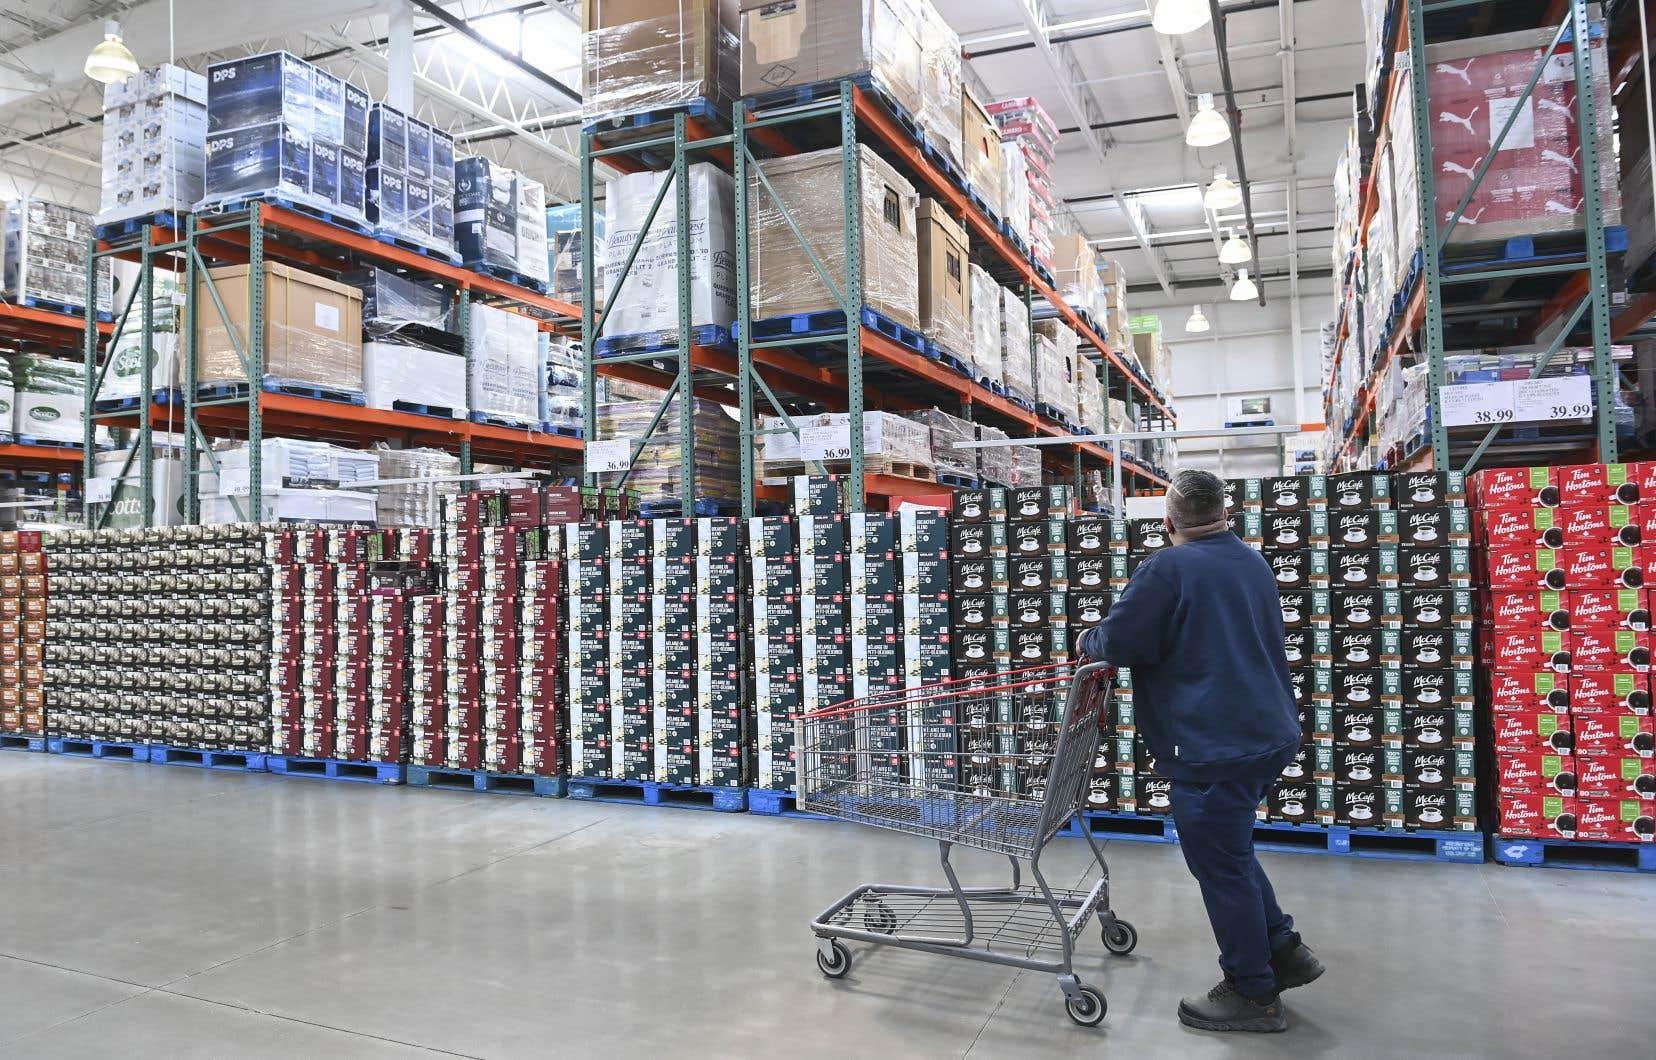 «C'est en fait l'économie consumériste depuis l'extraction jusqu'aux étagères des magasins ou des entrepôts qu'il faut ralentir», affirme l'auteur.